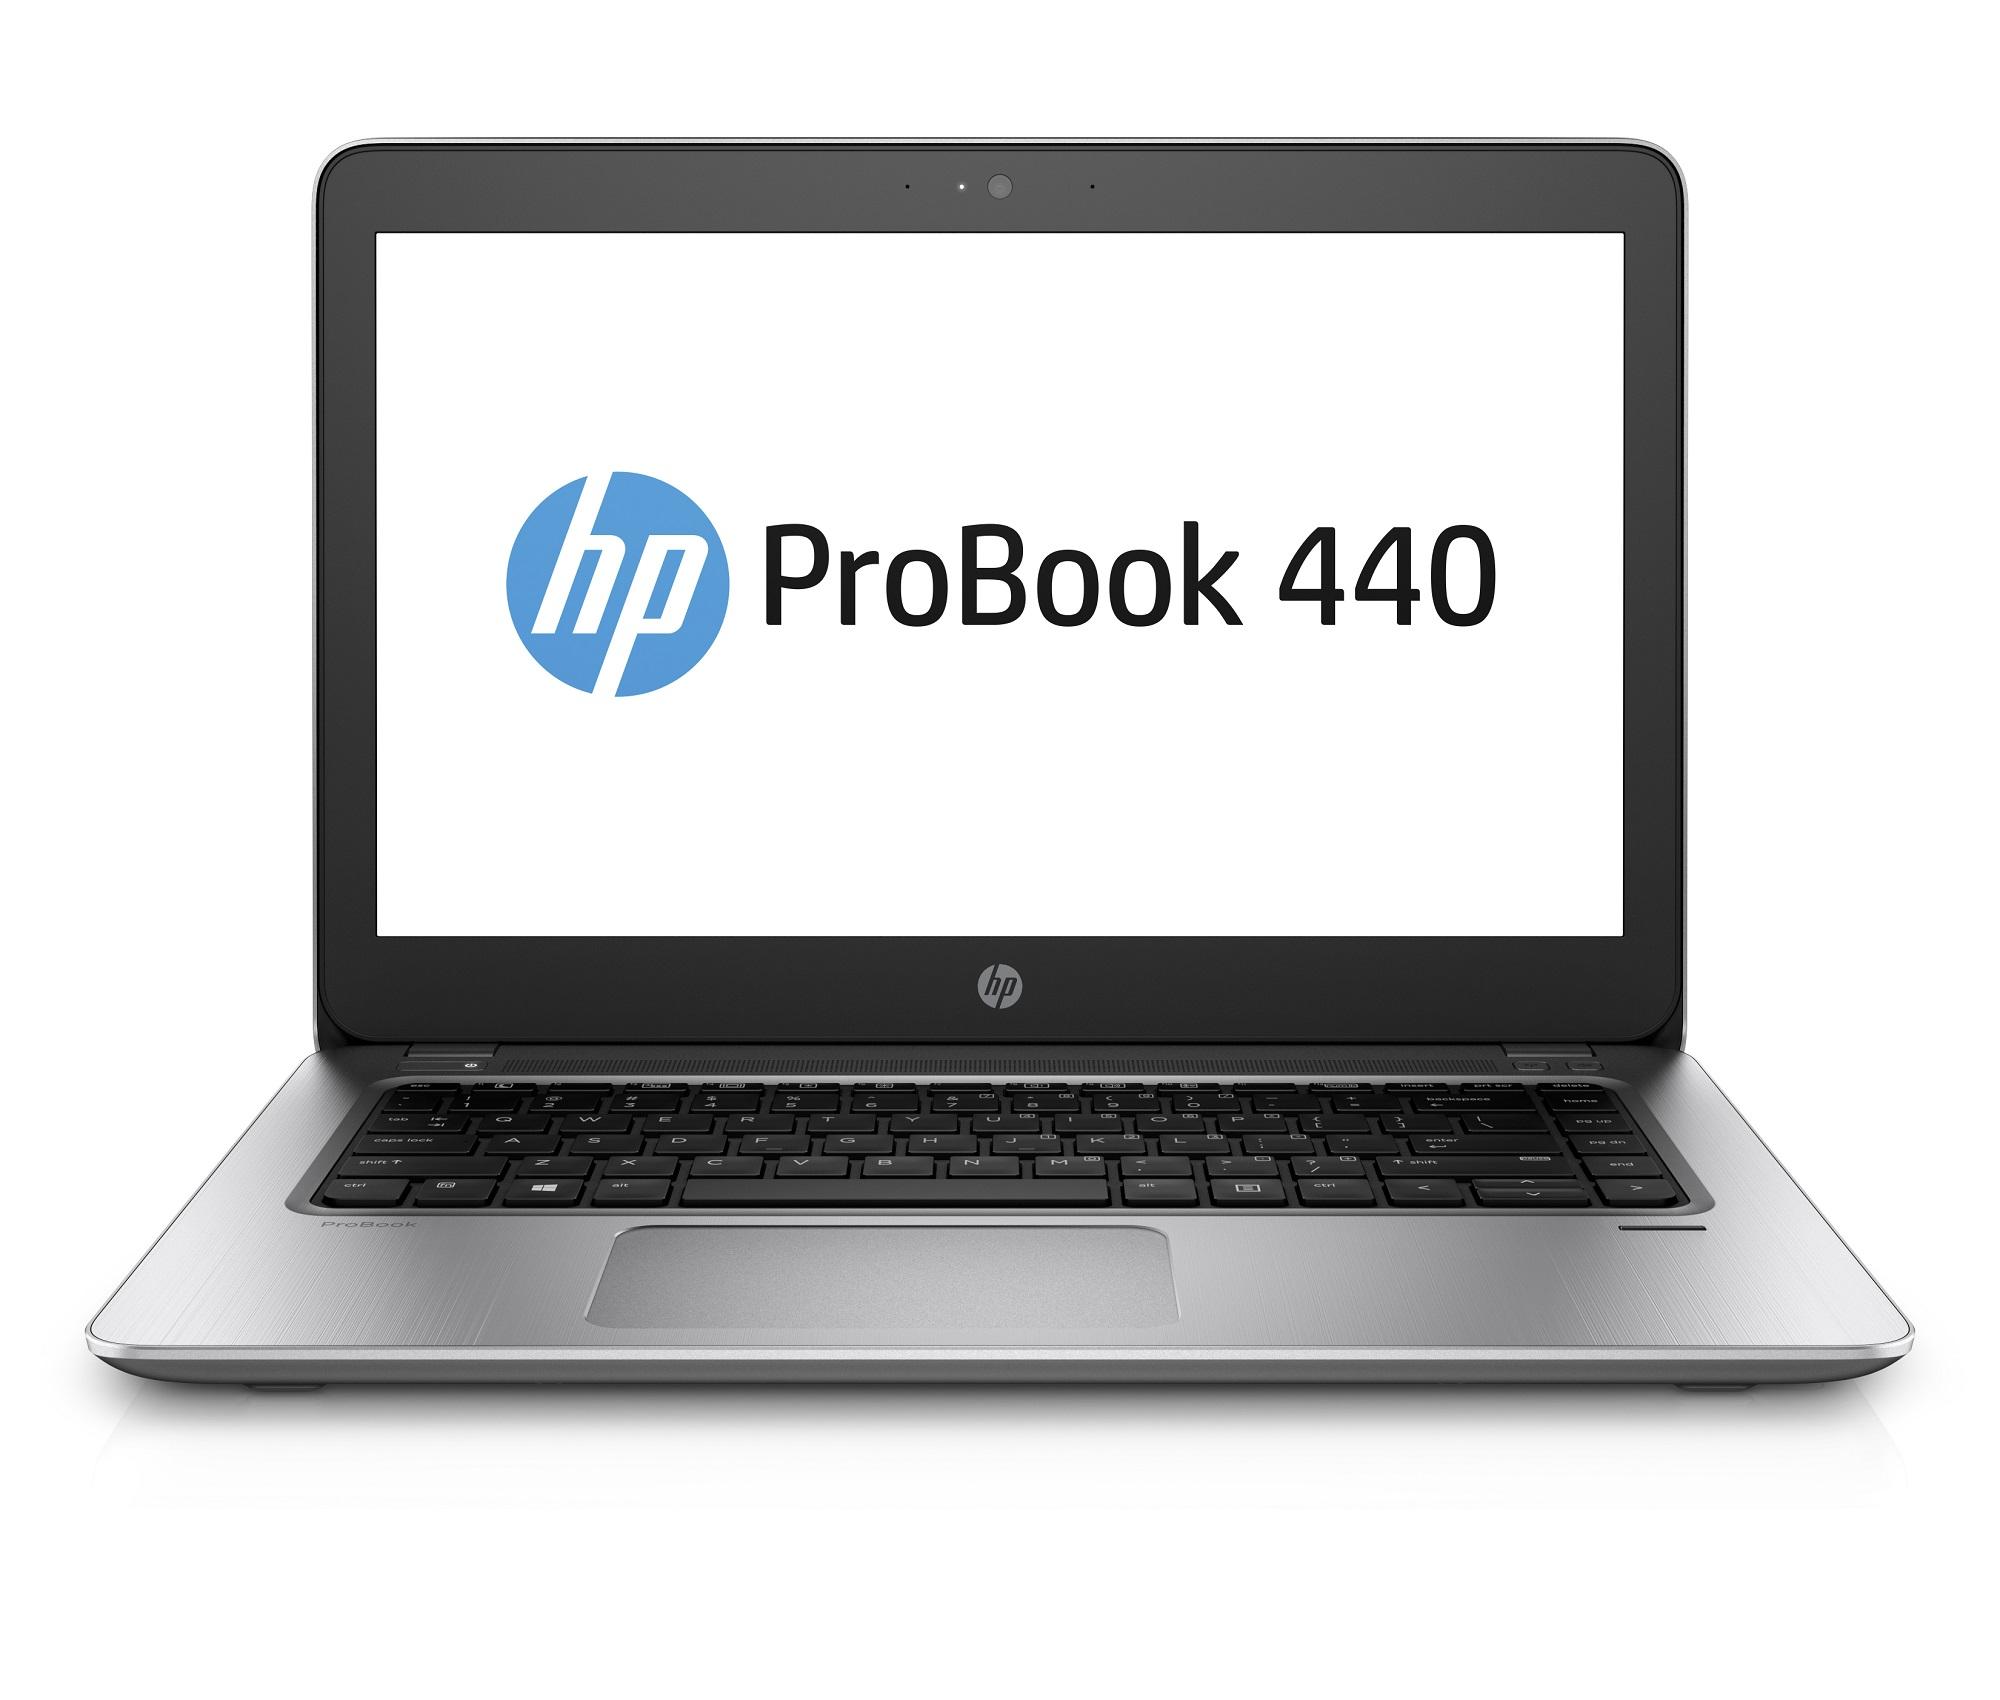 HP ProBook 440 G4 i5-7200U 14.0 FHD CAM, 4GB, 256GB SSD+volny slot 2,5, FpR, WiFi ac, BT, Backlit kbd, Win10Pro